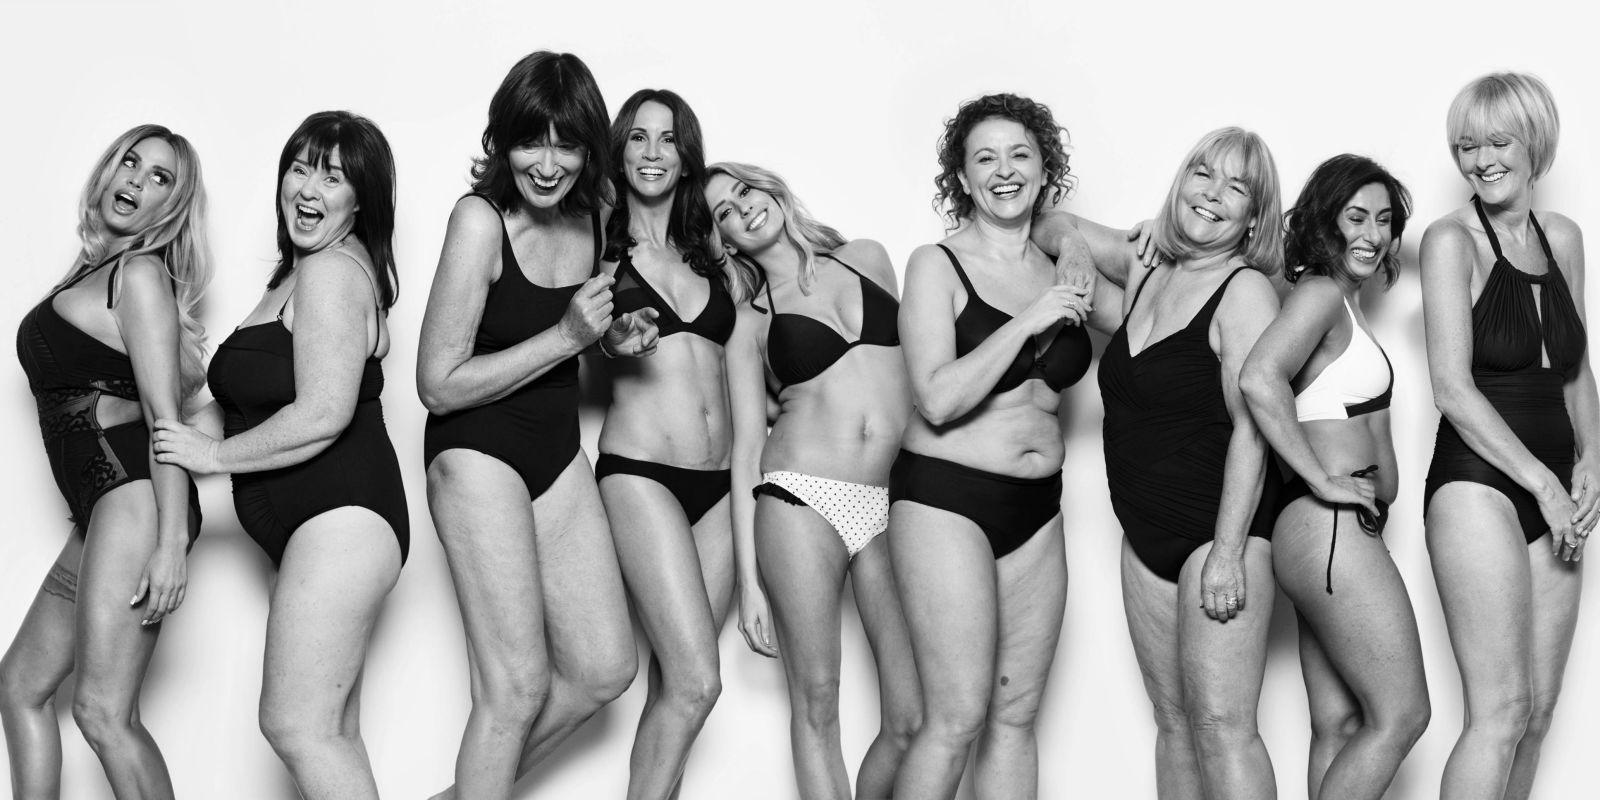 Playboy nudes brittany fuchs